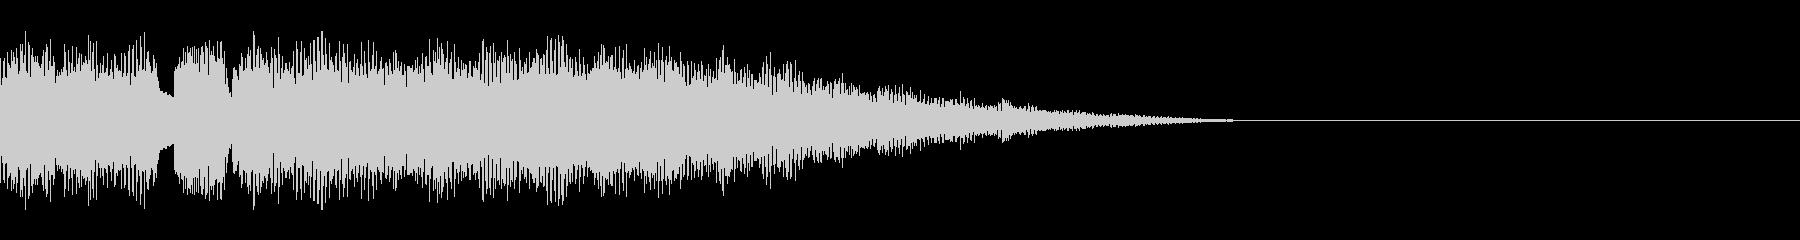 オルガンのチャイム風ジングルの未再生の波形